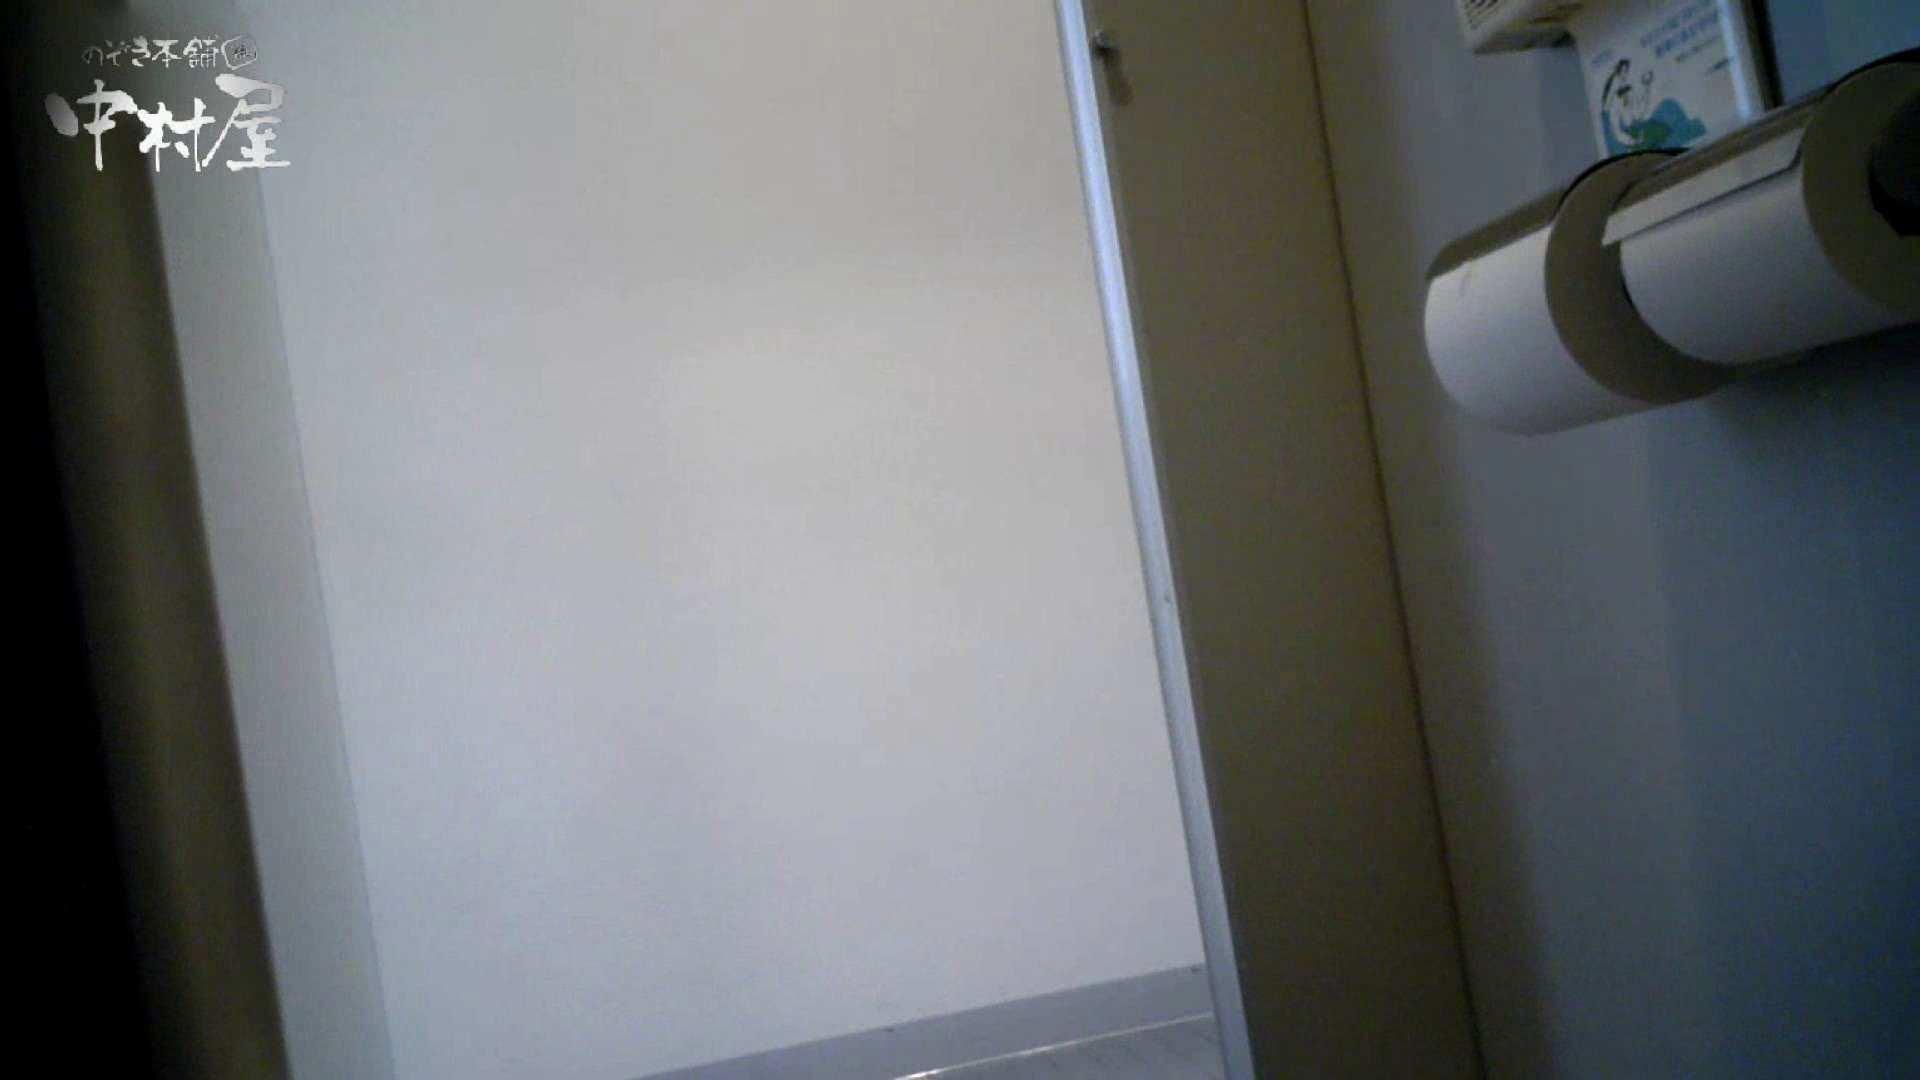 【某有名大学女性洗面所】有名大学女性洗面所 vol.40 ??おまじない的な動きをする子がいます。 洗面所突入 AV無料 91pic 13